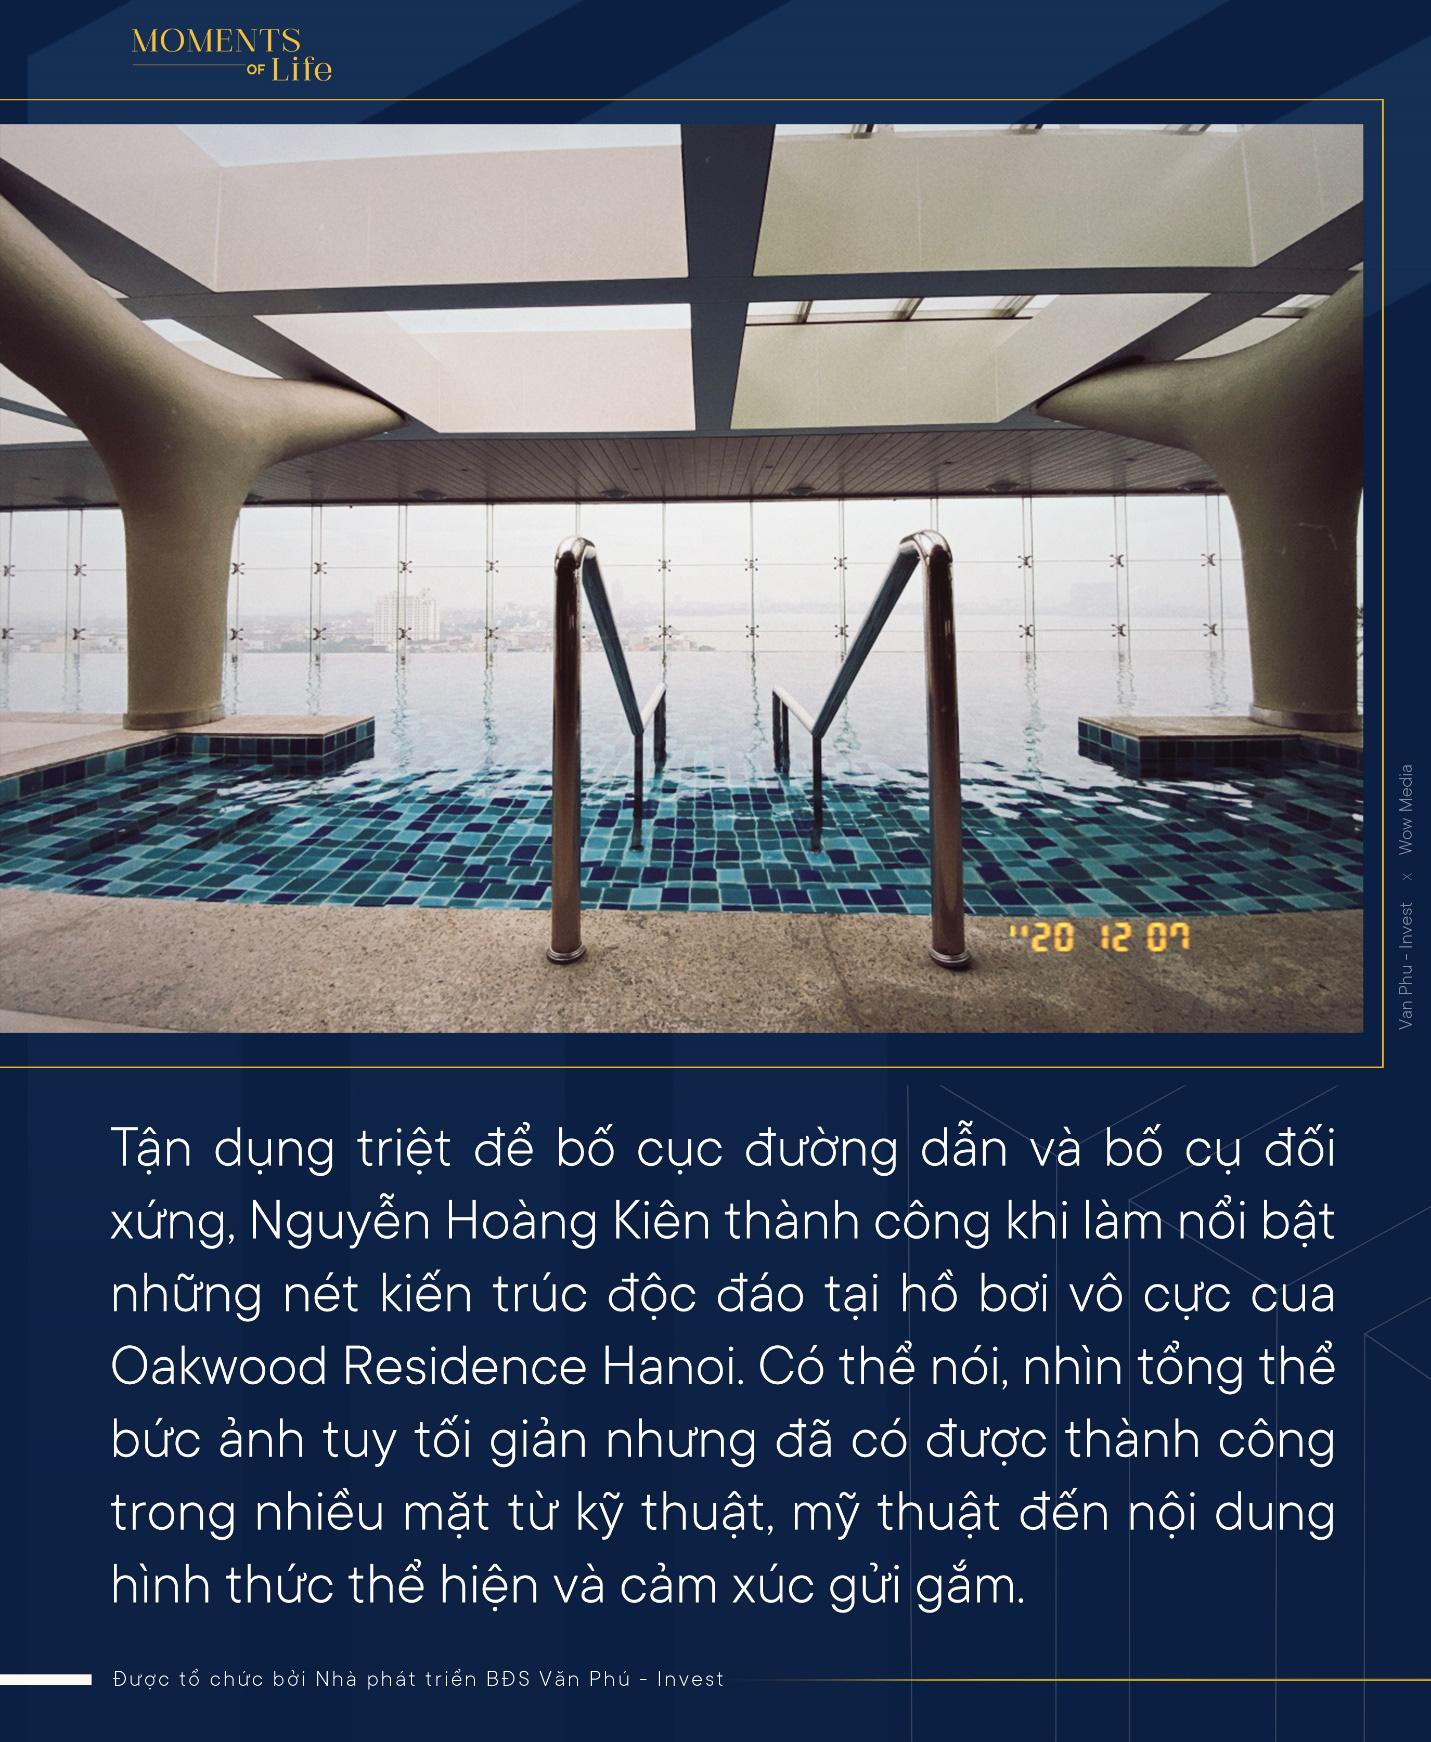 Lộ diện những góc nhìn nghệ thuật kiến trúc độc đáo trong cuộc thi Moments Of Life - Ảnh 4.